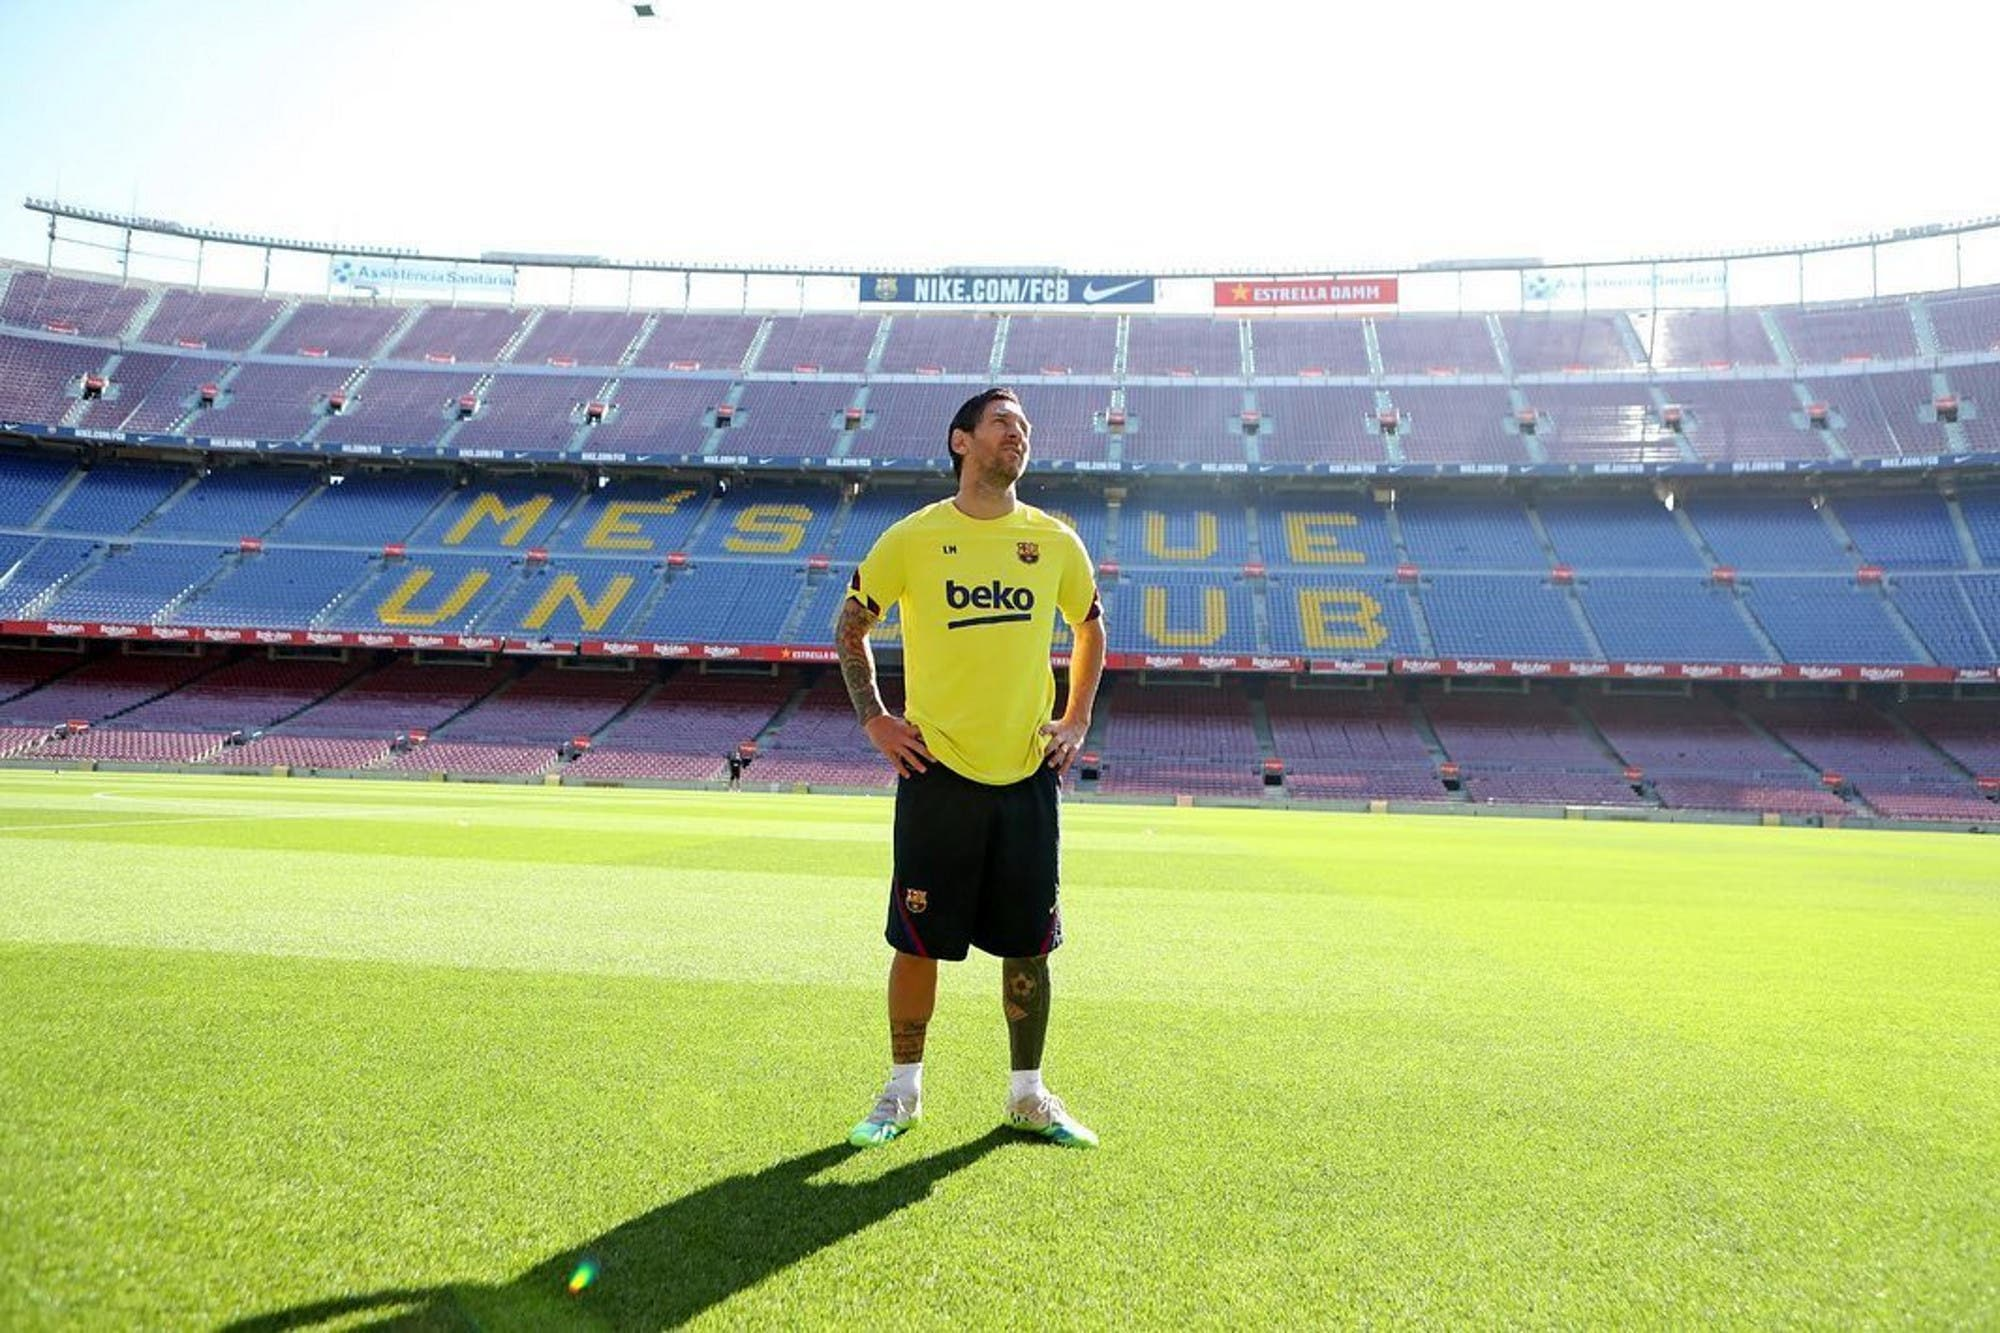 """""""No se me ocurre irme de Barcelona"""": Lionel Messi, en la última entrevista prepandemia al principal medio deportivo catalán"""